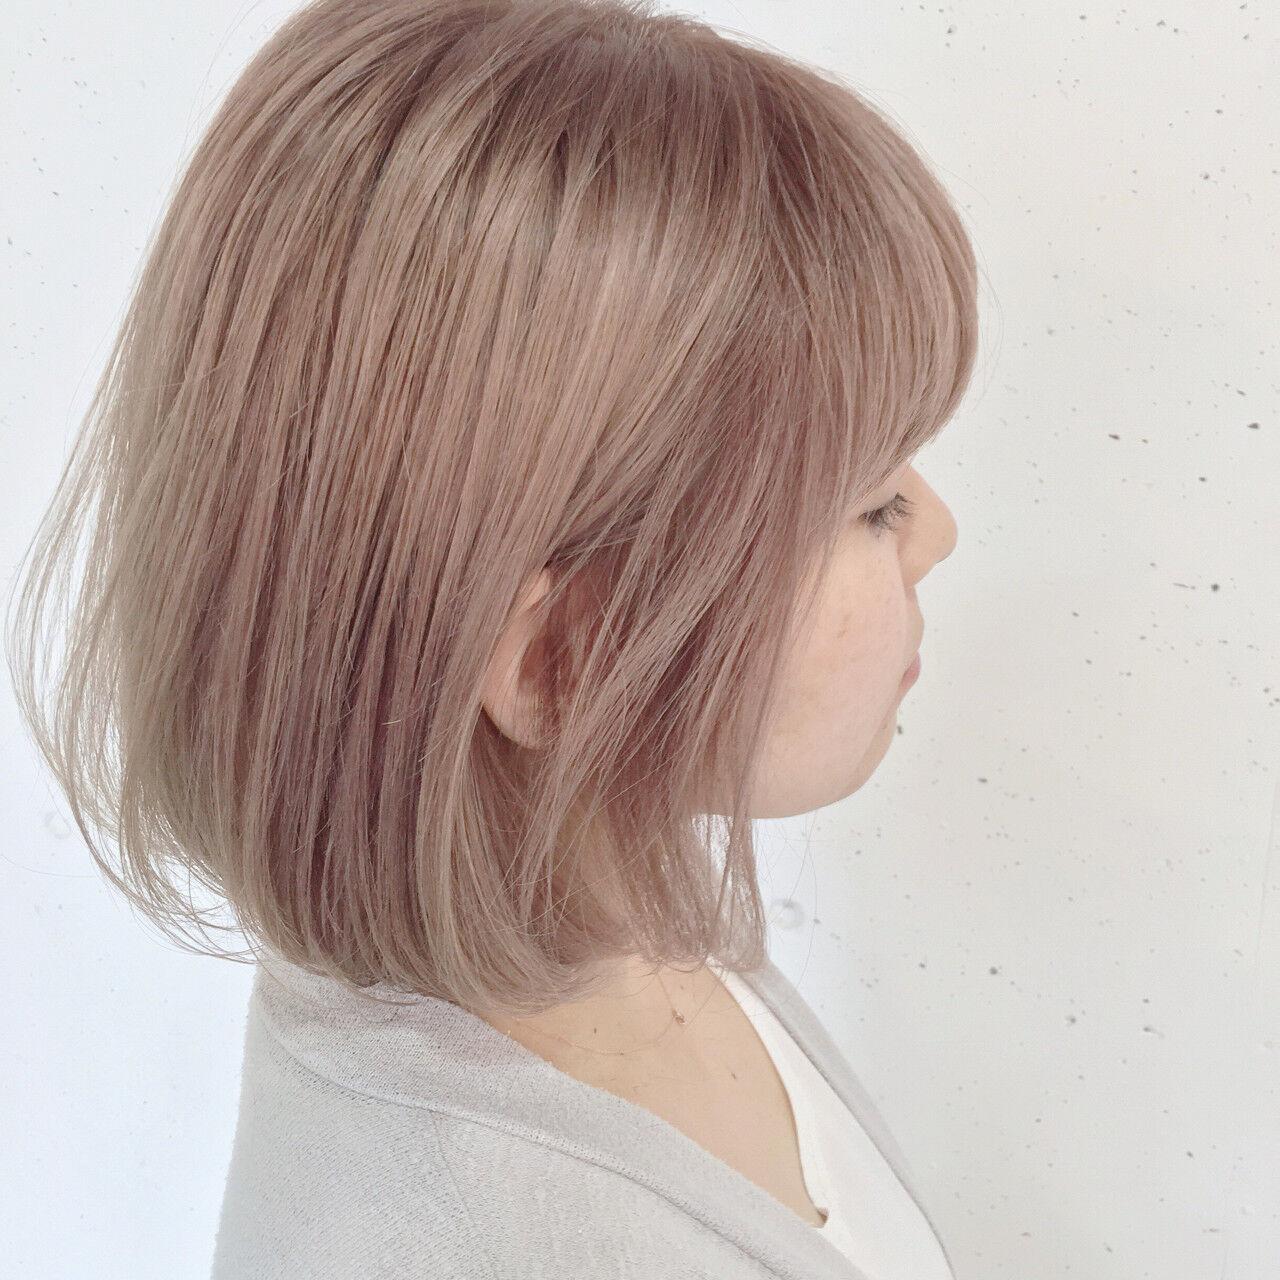 ストリート ホワイト ハイトーン ピュアヘアスタイルや髪型の写真・画像